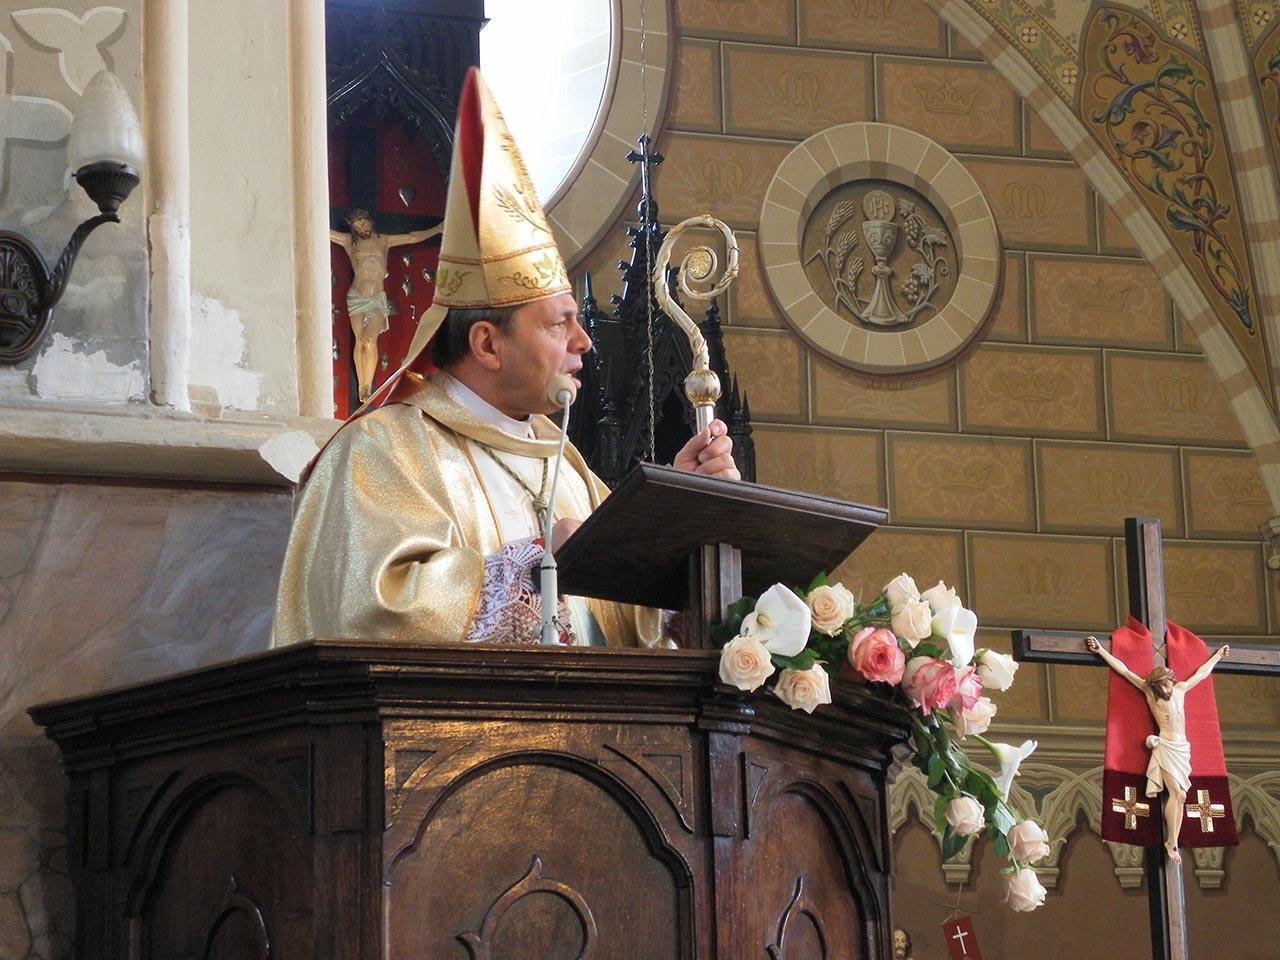 Bp. Leon podczas przekazywania relikwii Św. Mikołaja wiernym parafii pw. Sw. Anny w Barze. Zdjęcie - ks. Roman Parchomcew